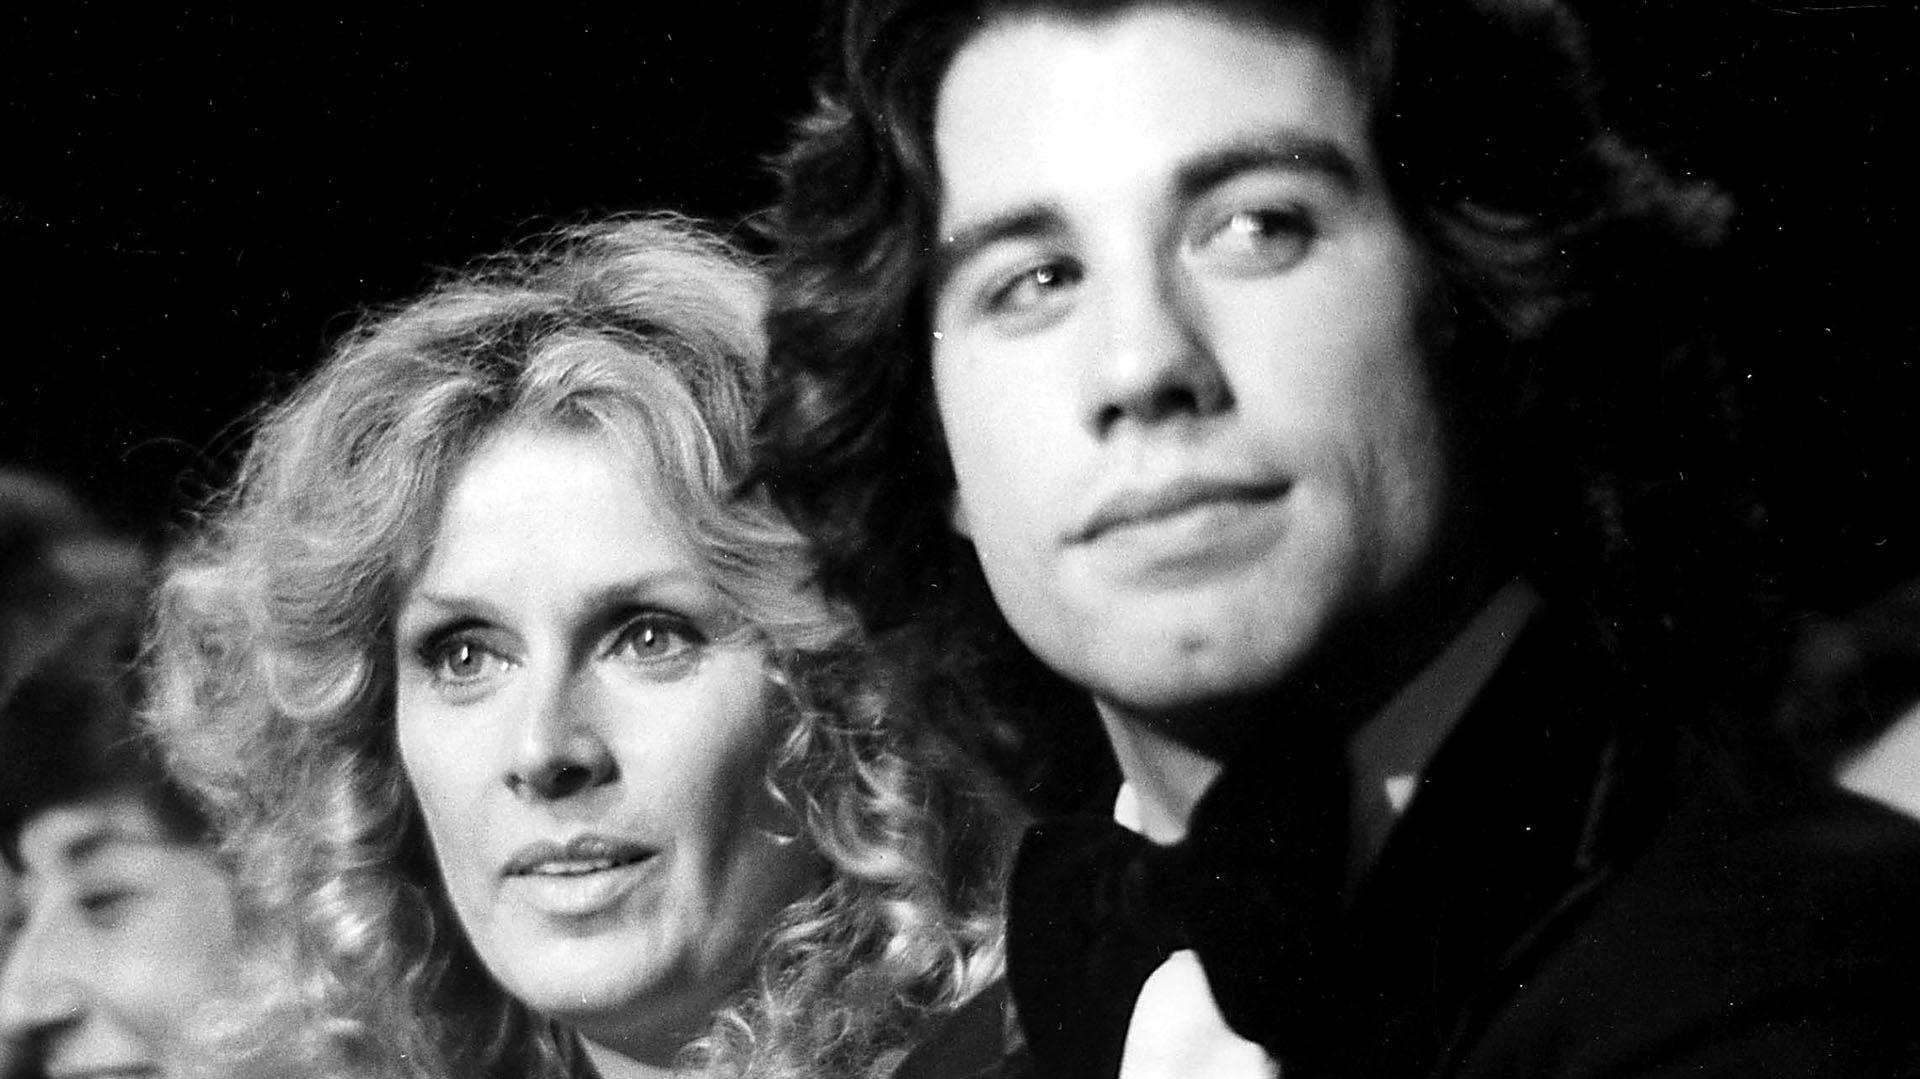 John Travolta y Diana Hyland en una de sus apariciones públicas. | Foto: Shutterstock